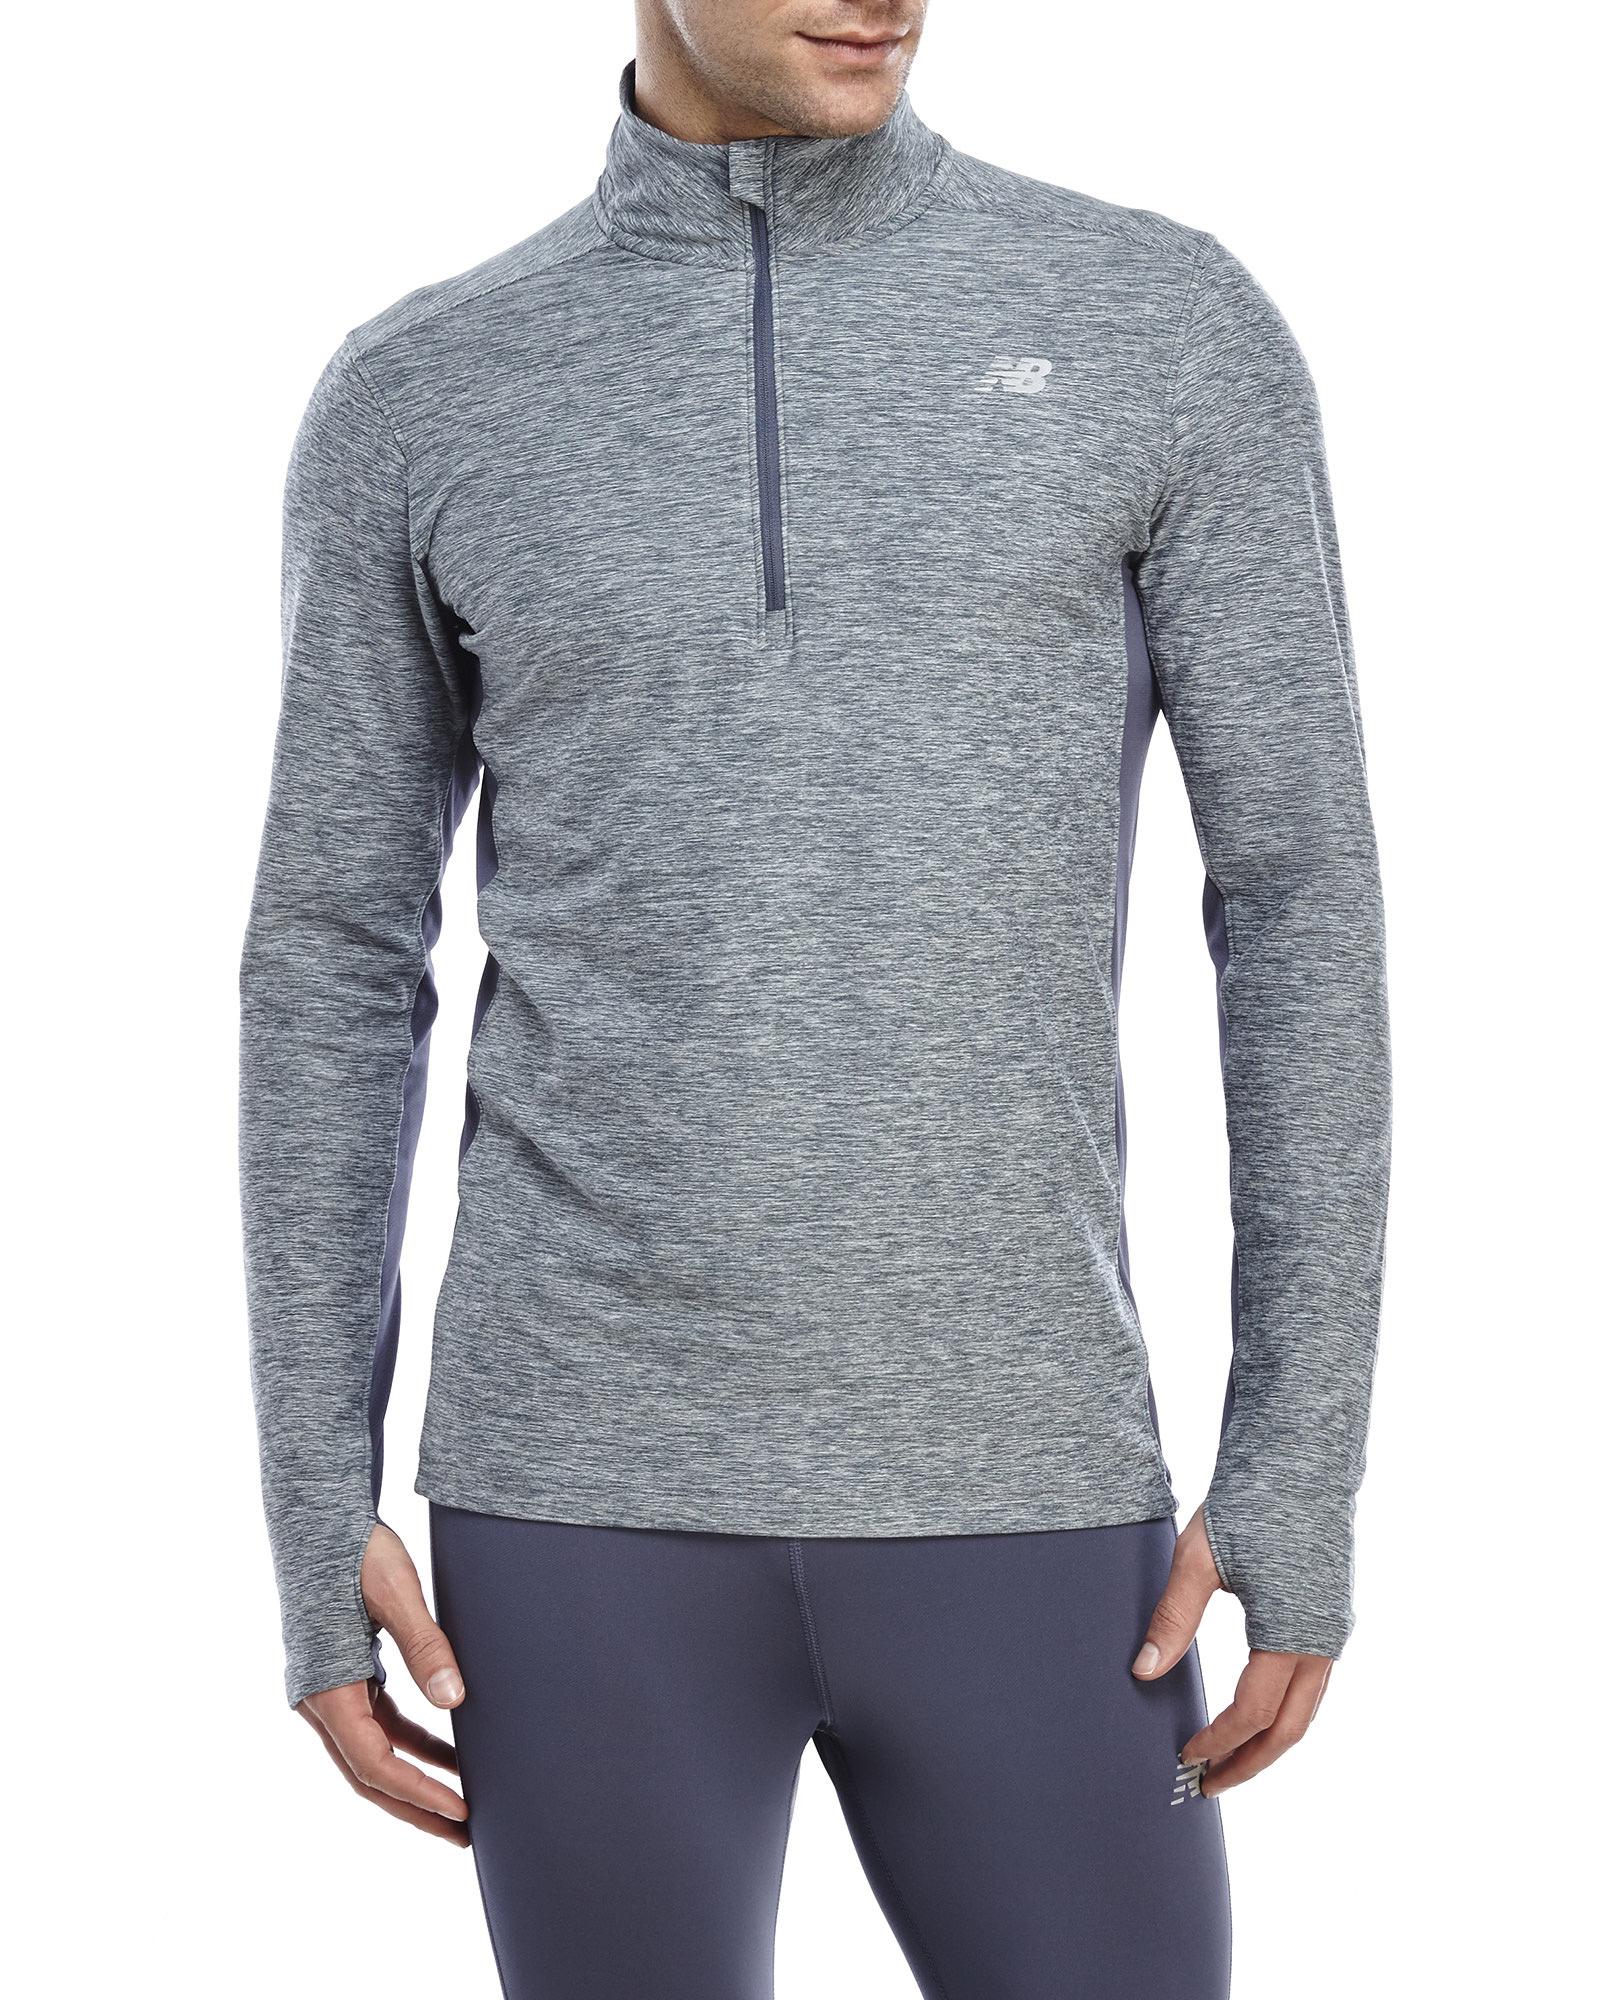 New Balance Lightweight Tech Quarter Zip Pullover in Gray